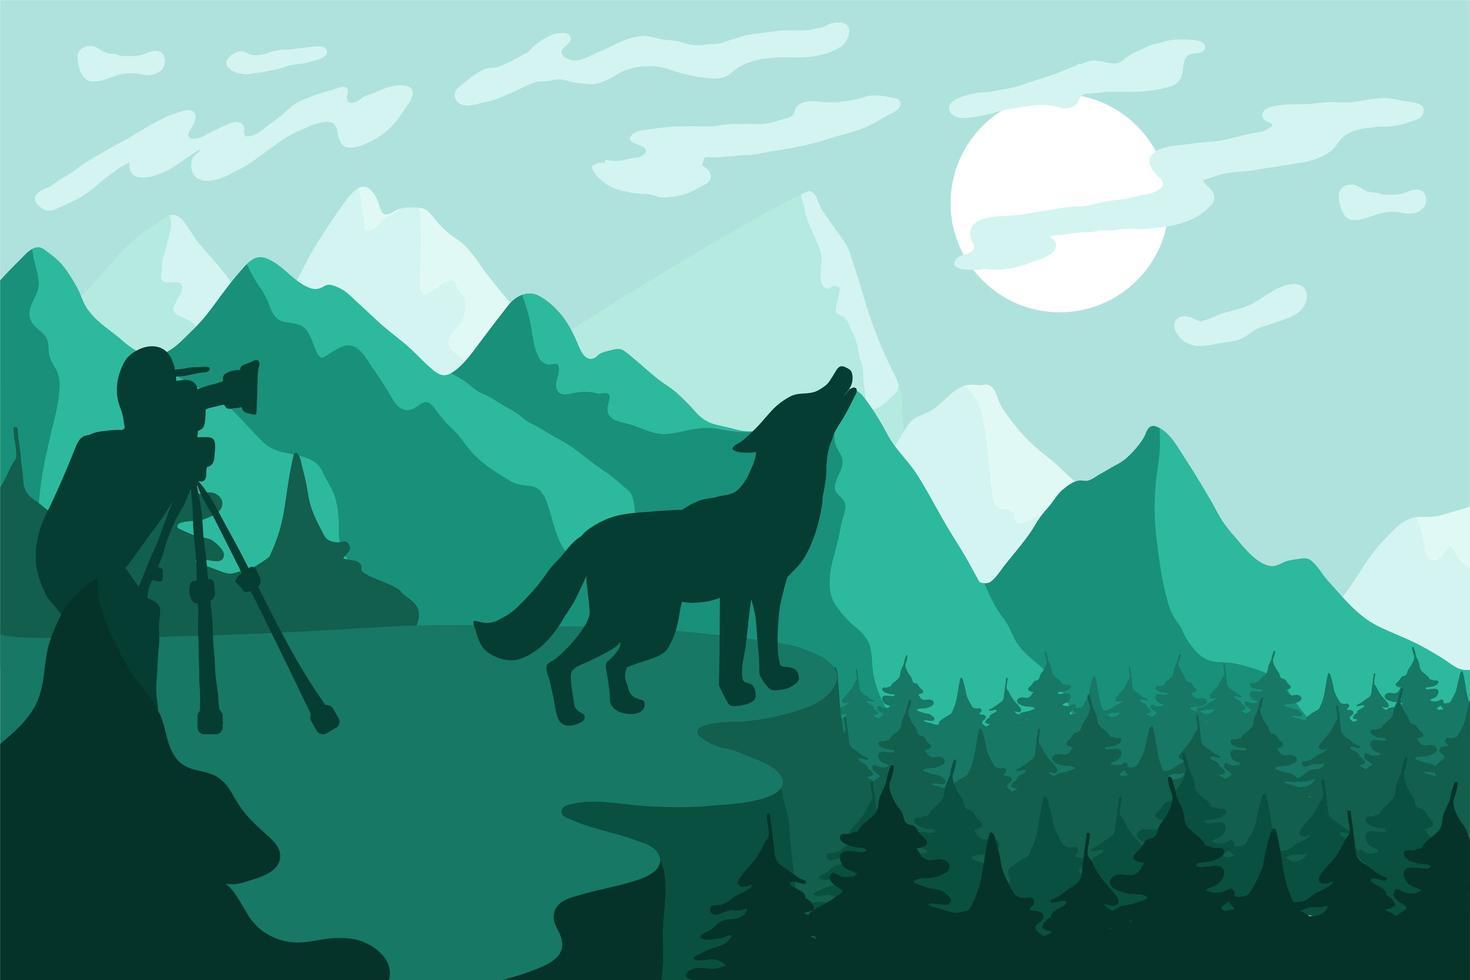 vida selvagem, ilustração em vetor plana fotógrafo da natureza